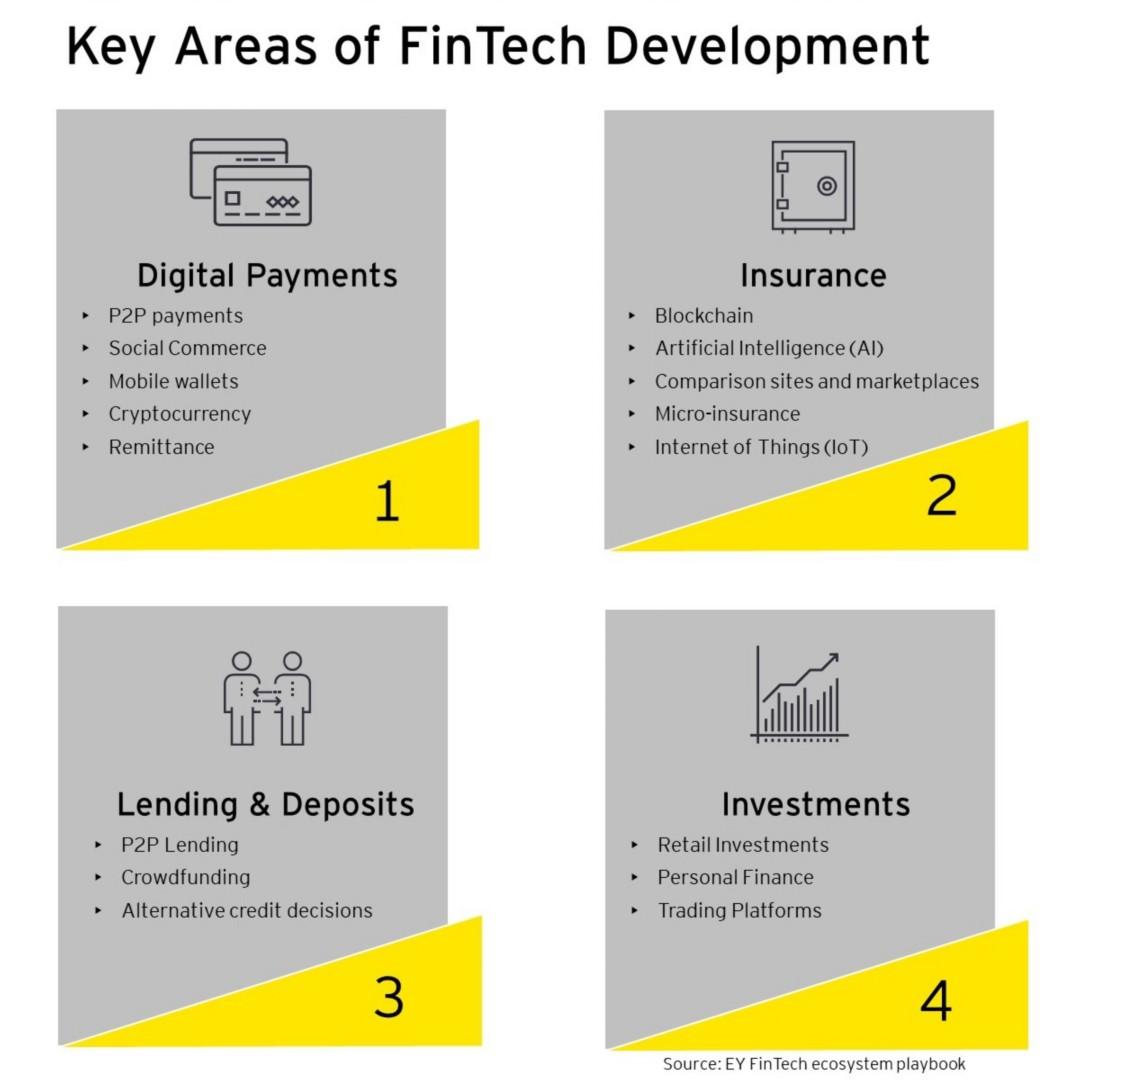 EY - Key Areas of FinTech Development